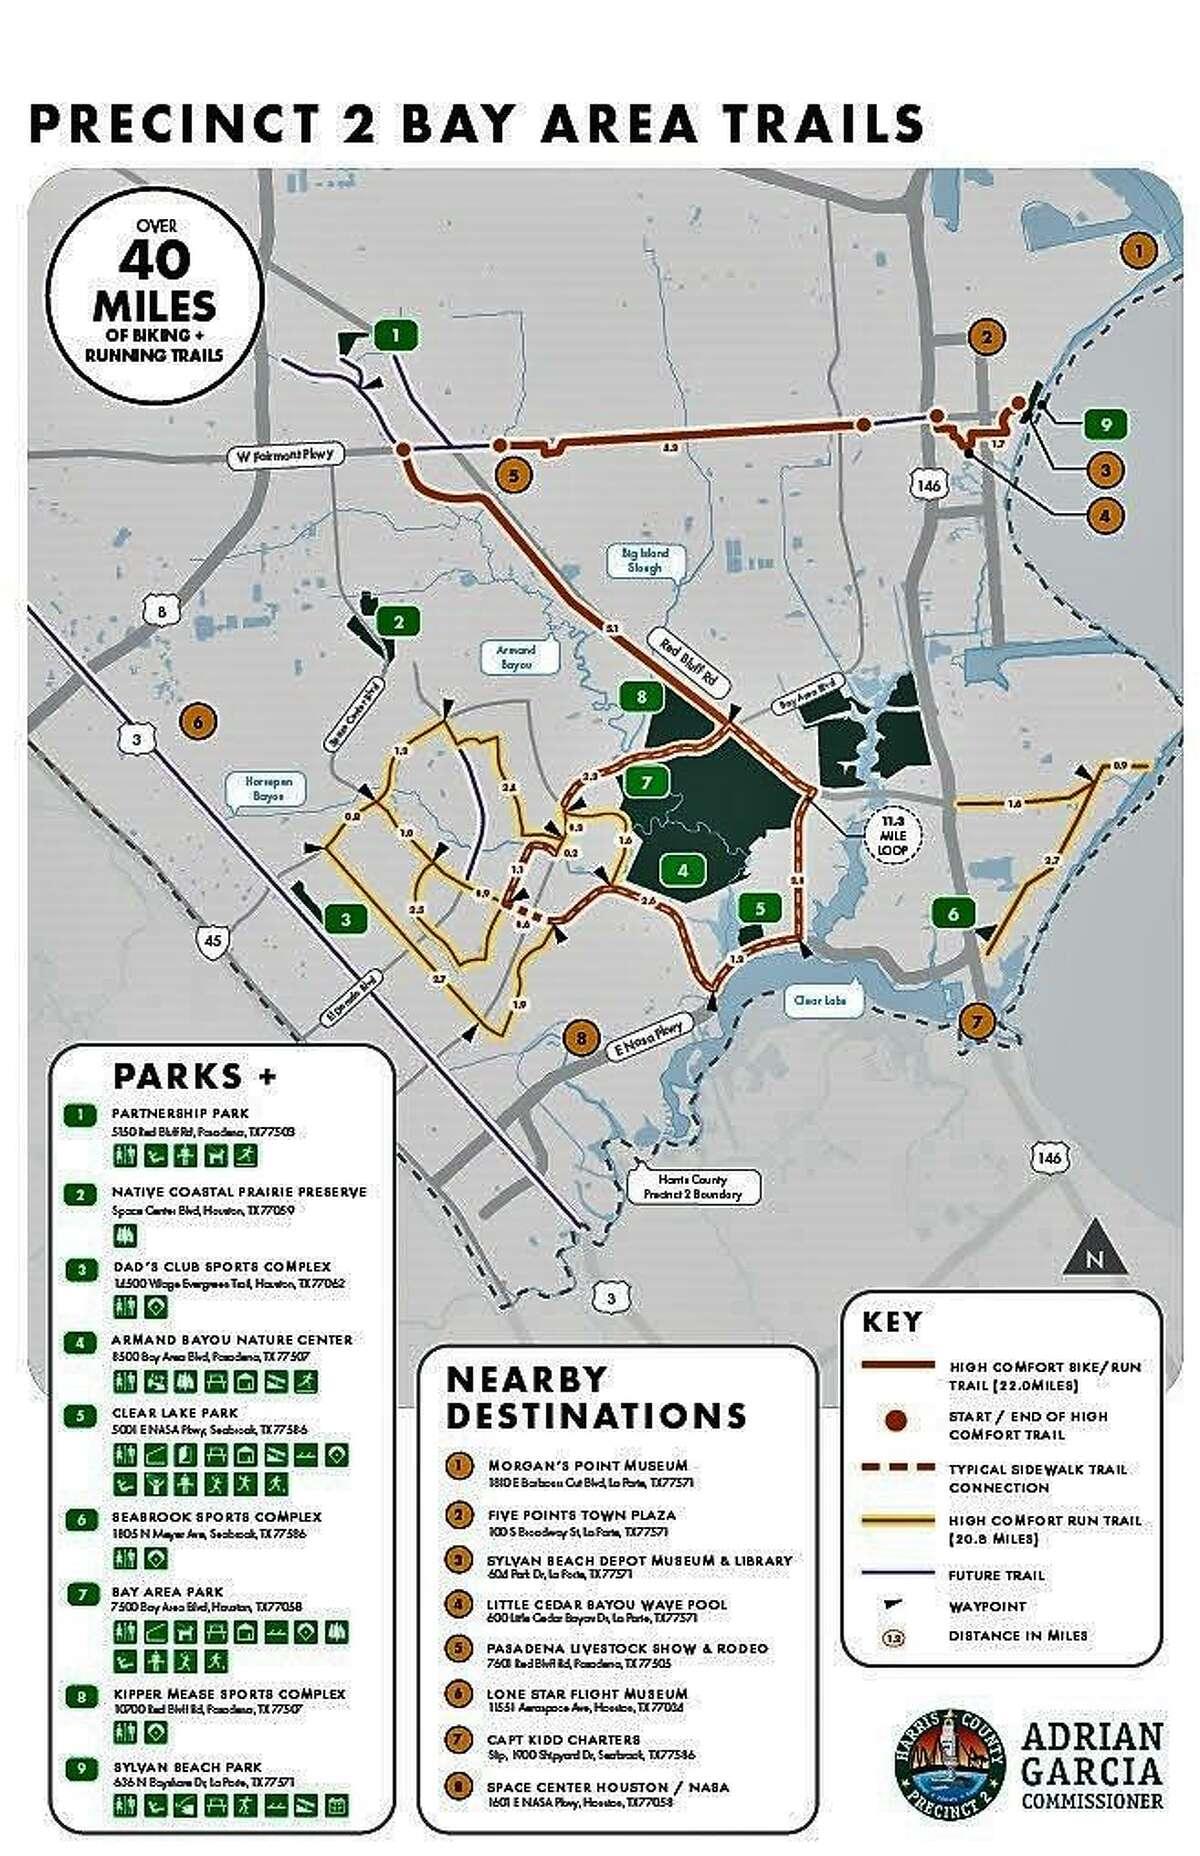 Precinct 2 has a network of trails in the Pasadena-Bay Area.